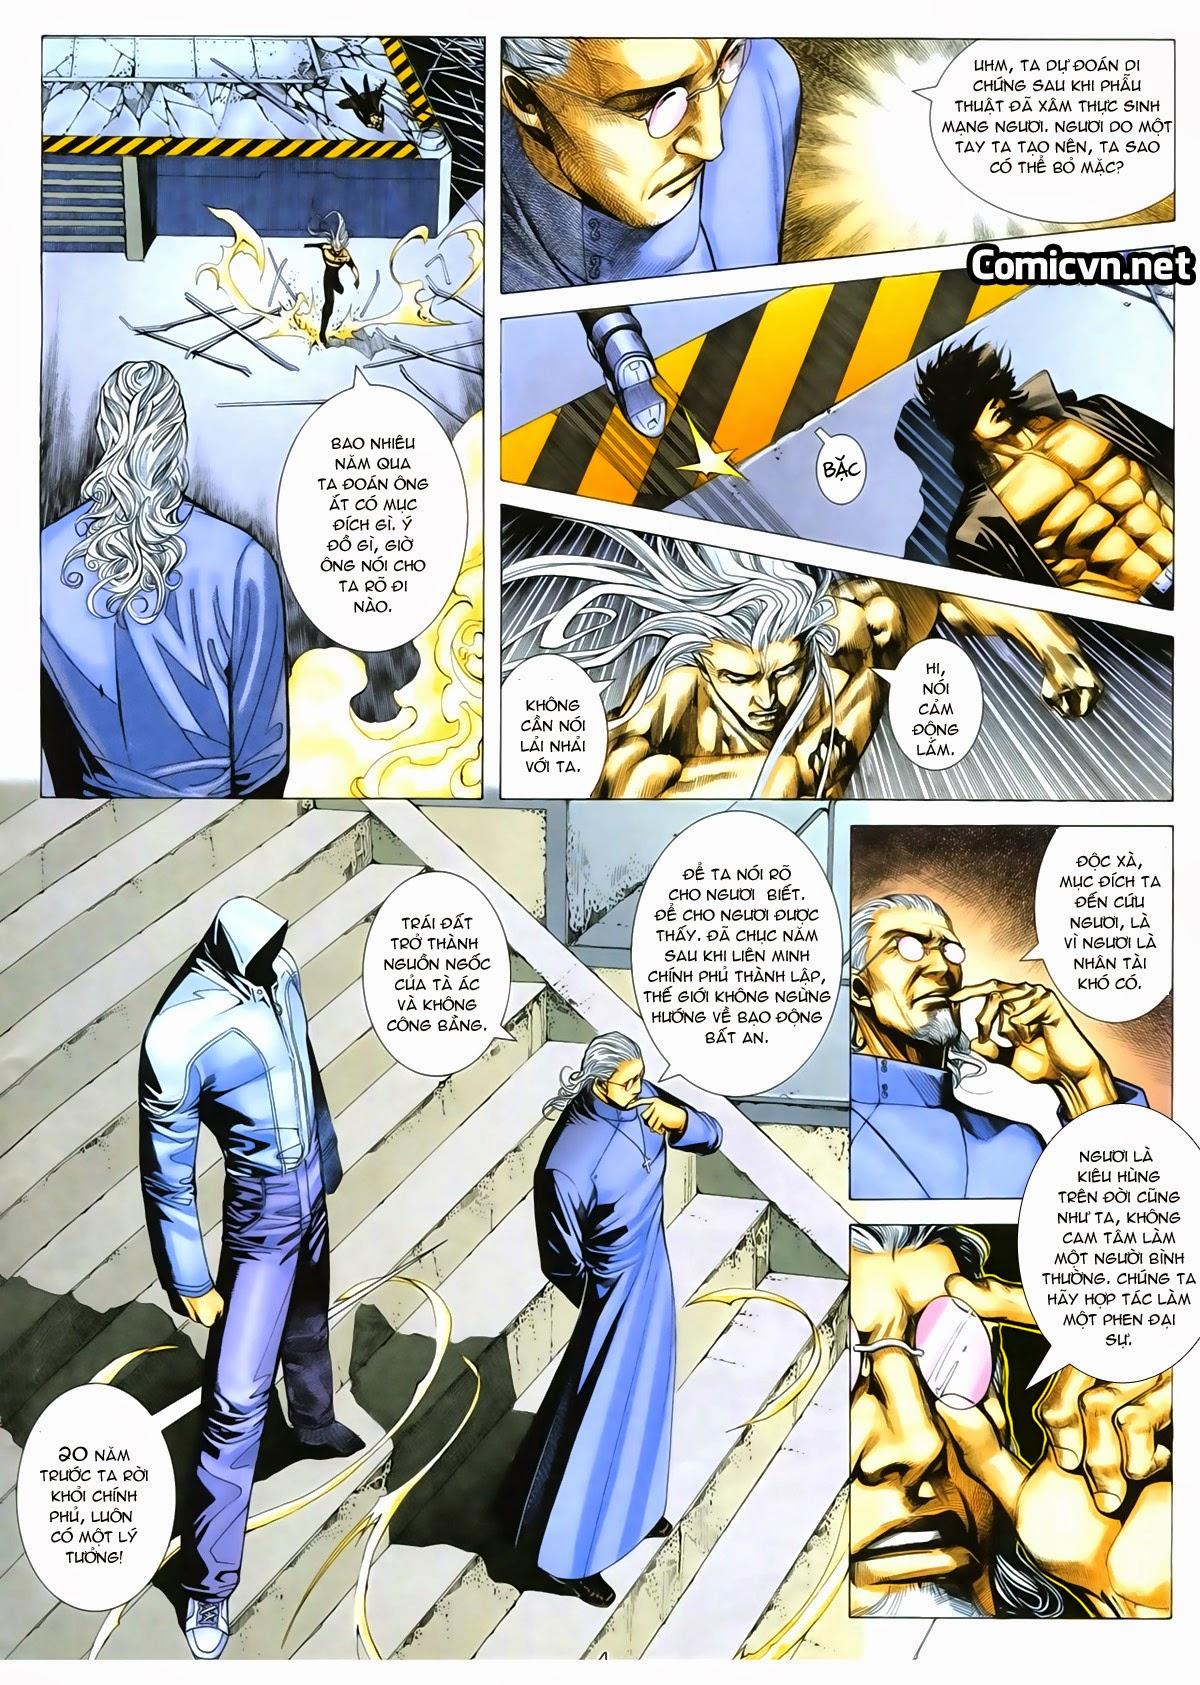 Tuyệt Địa Thiên Hành chap 8 Trang 4 - Mangak.info